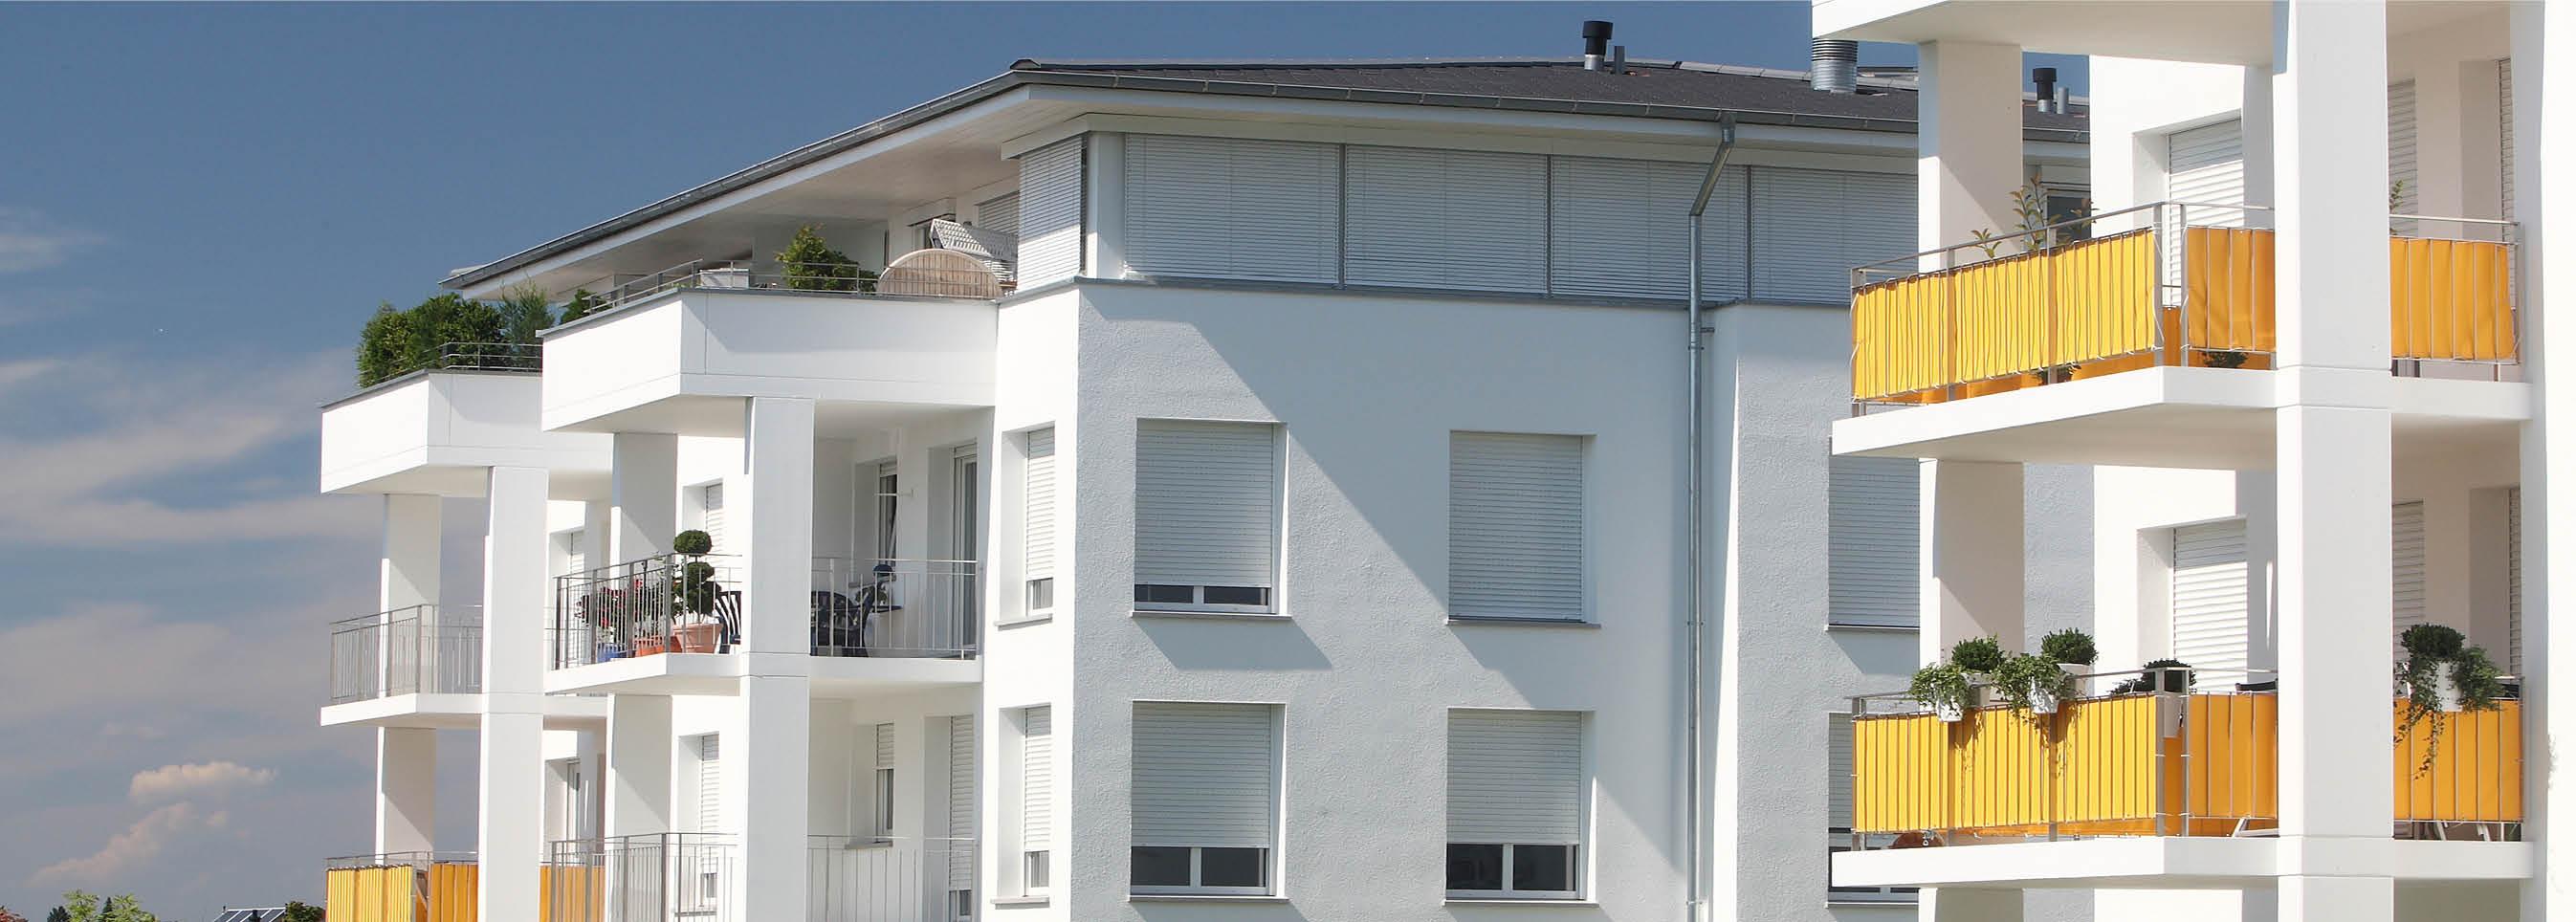 3-Zimmer-Wohnung – Unterm Georgenberg 29, Reutlingen